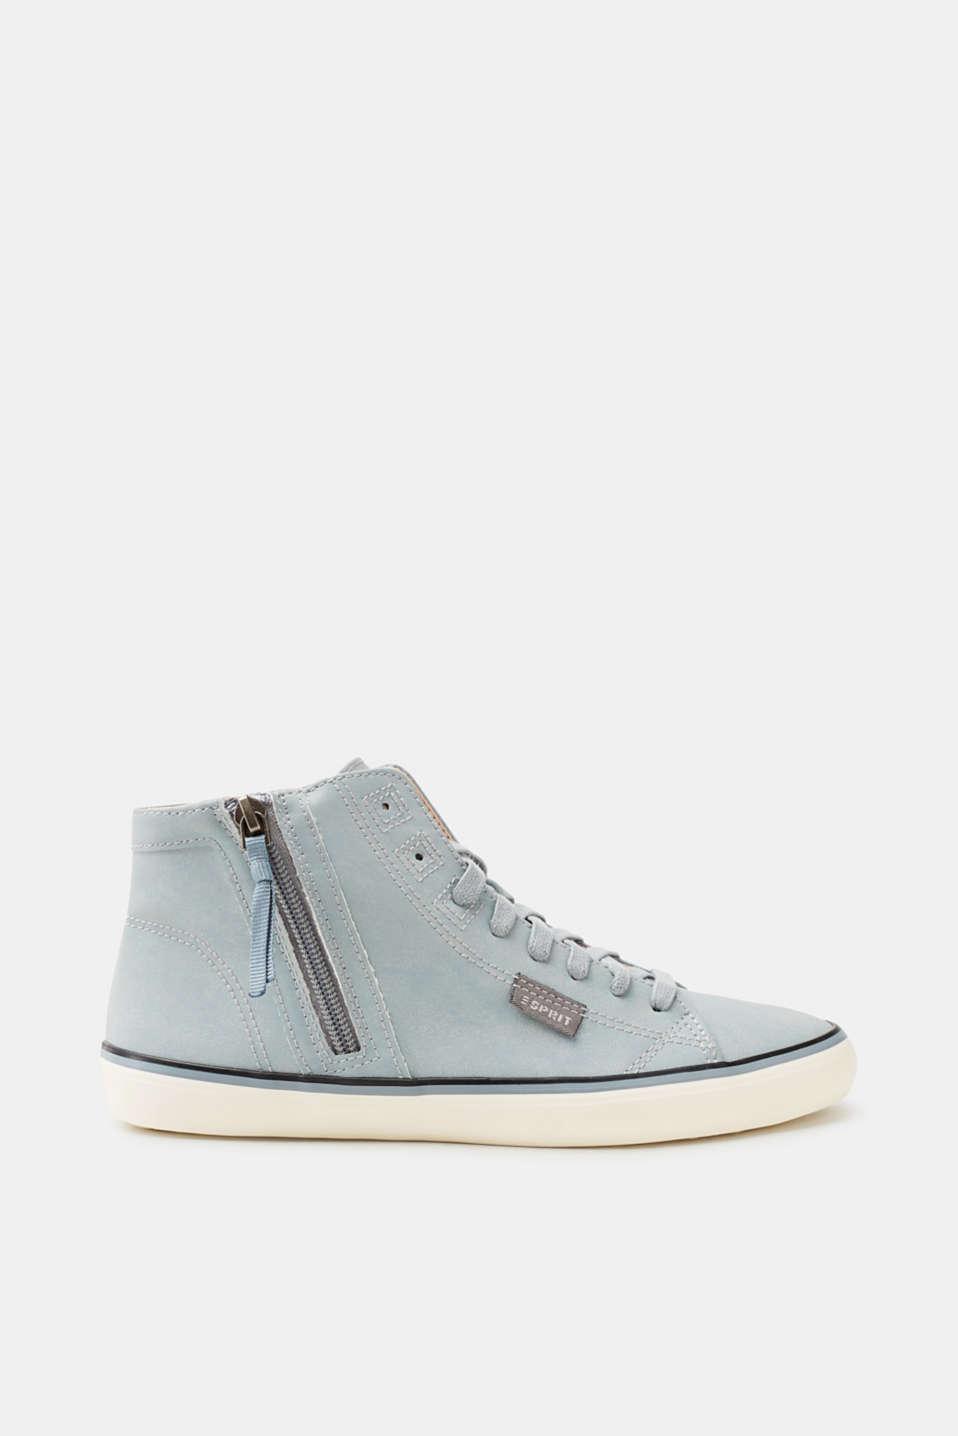 Esprit High-Top-Sneaker mit Reptilprägung für Damen, Größe 37, Pastel Grey